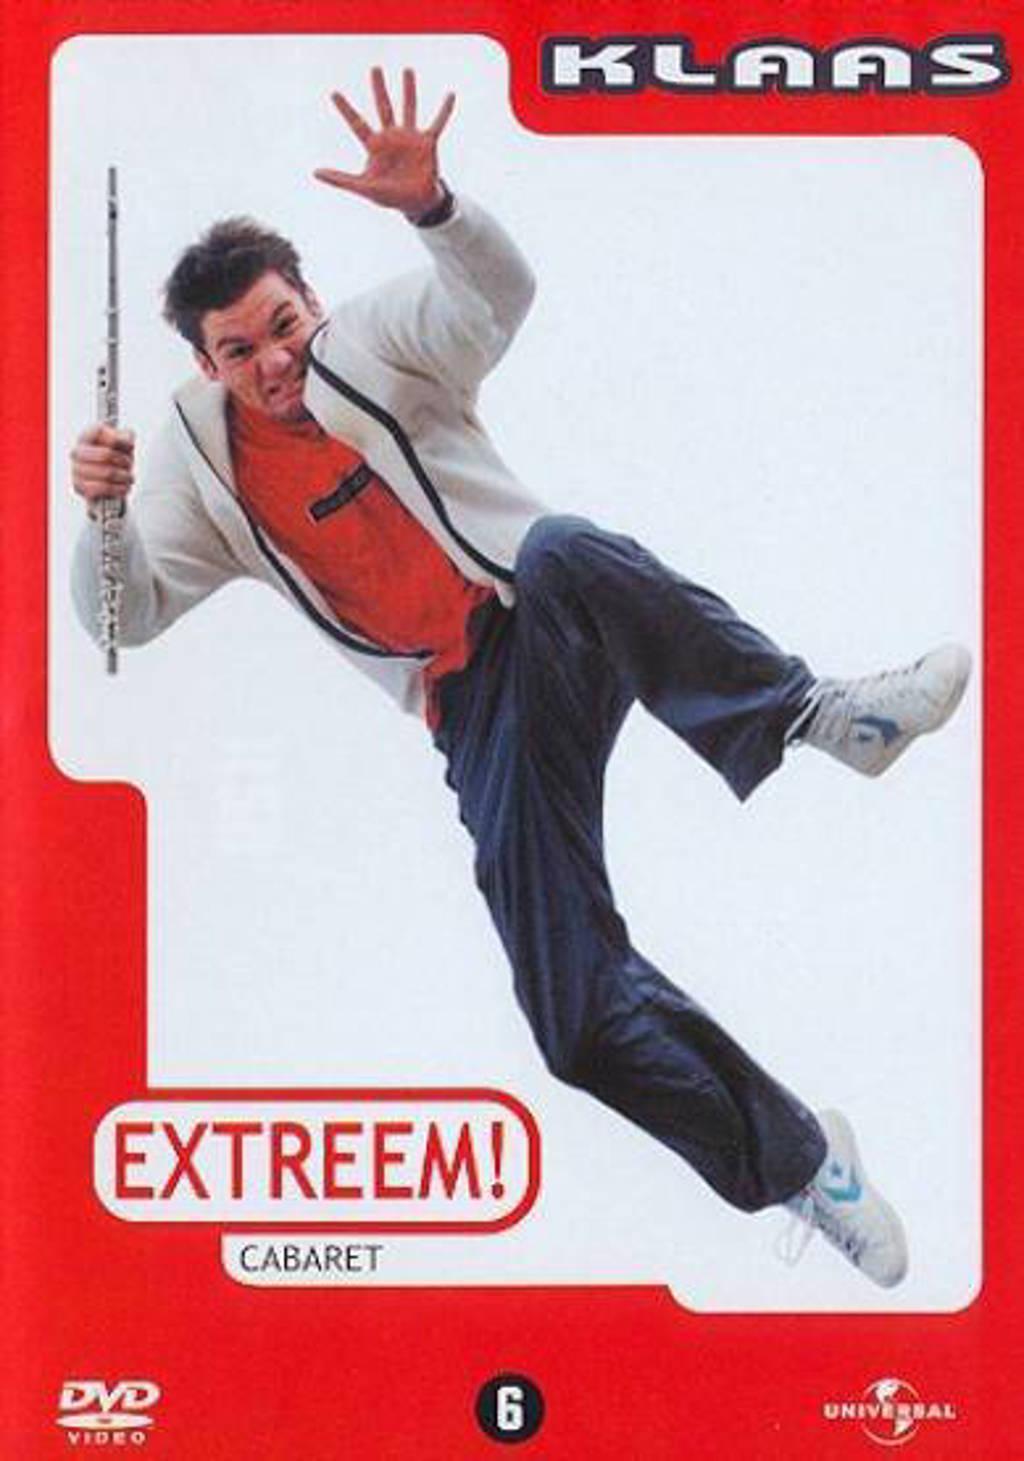 Klaas van der Eerden-extreem (DVD)